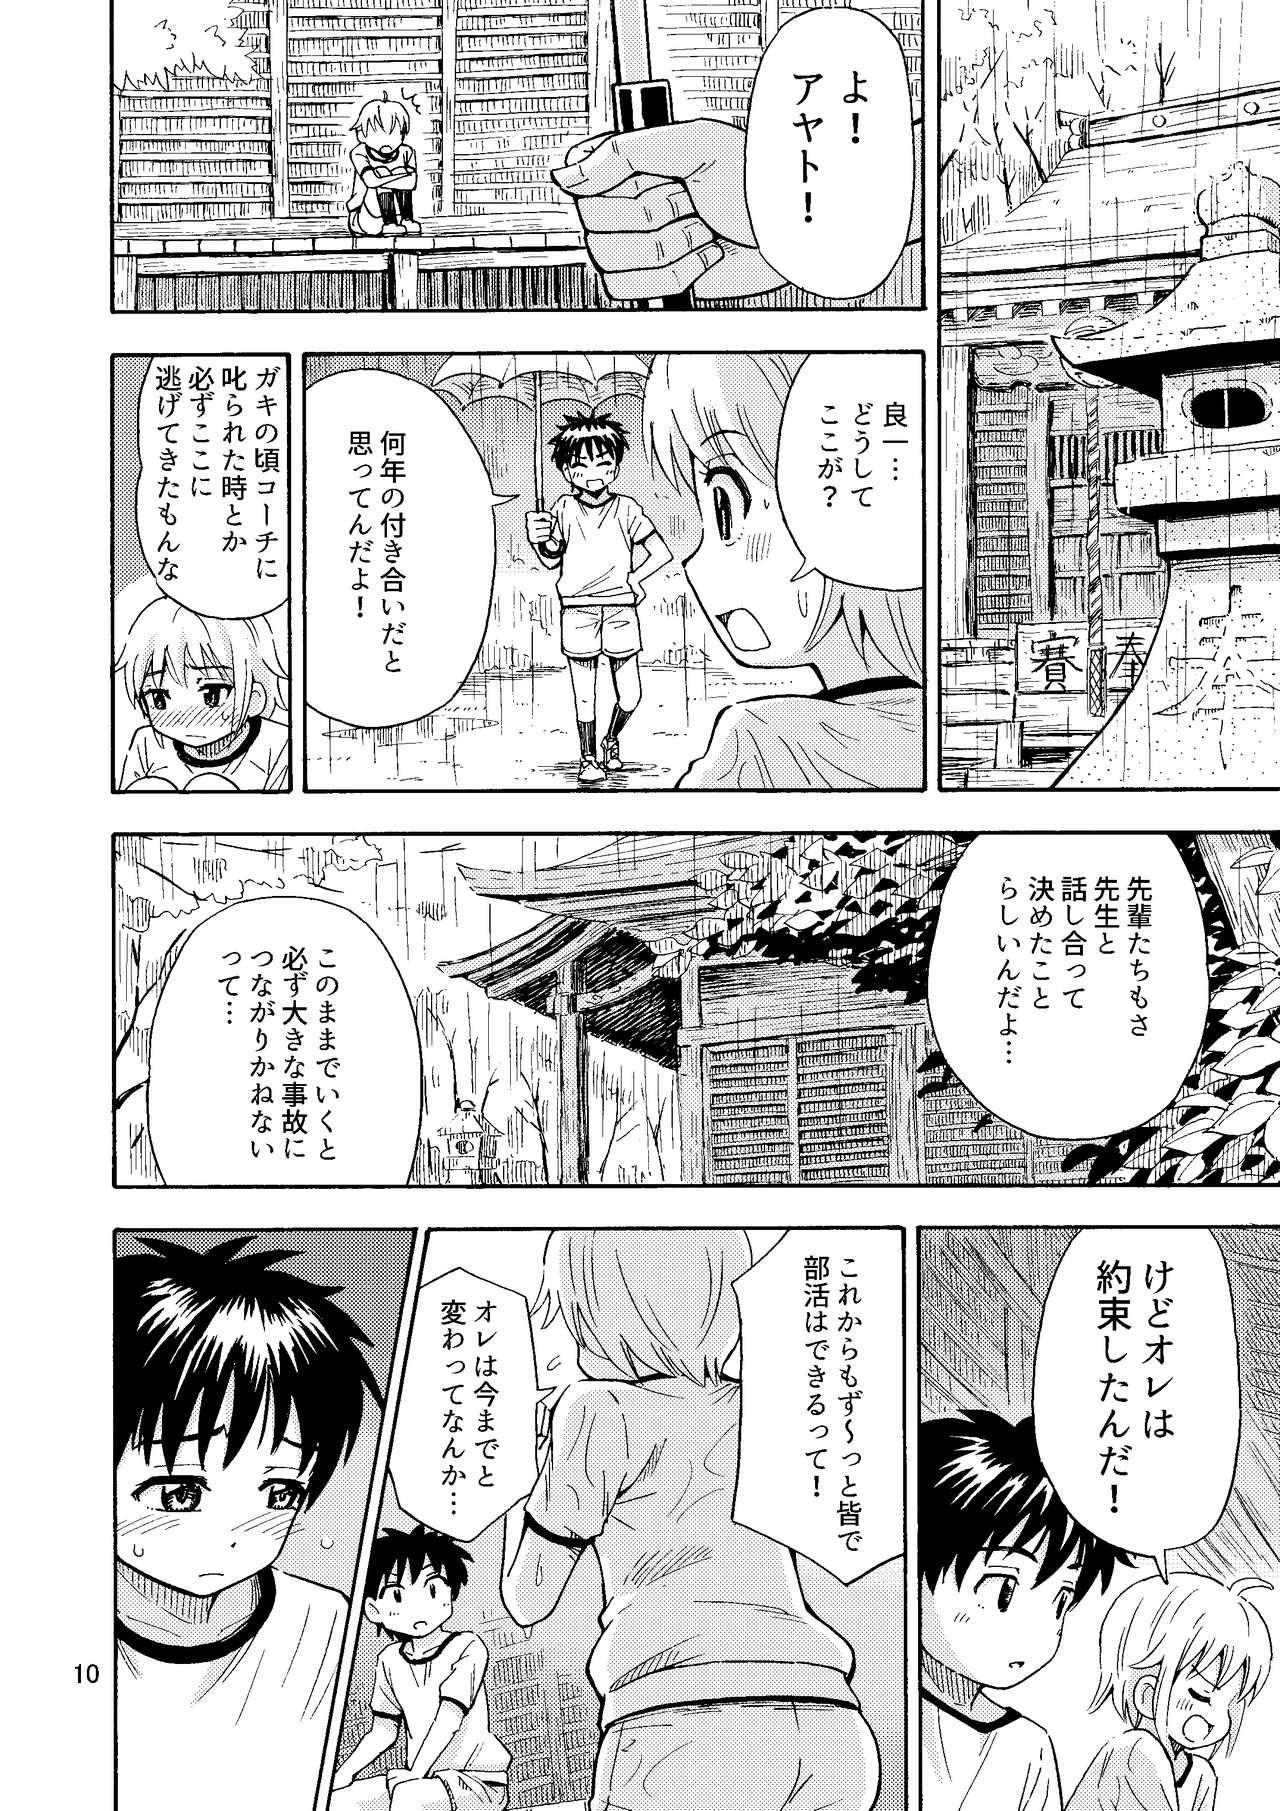 Shinyuu ga Onnanoko ni Narimashita 10